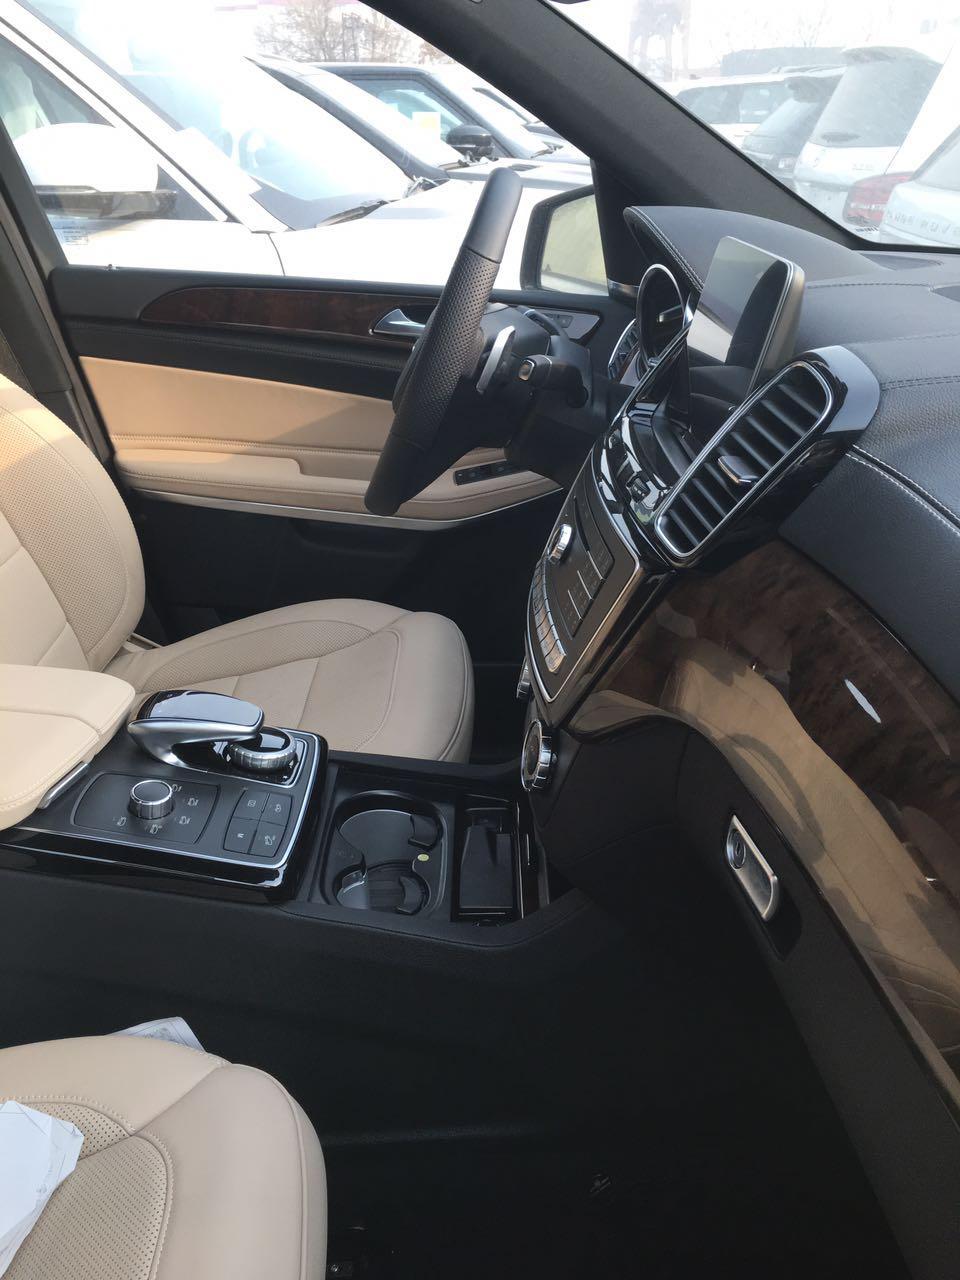 2018款美规版奔驰GLS550报价加版配置报价